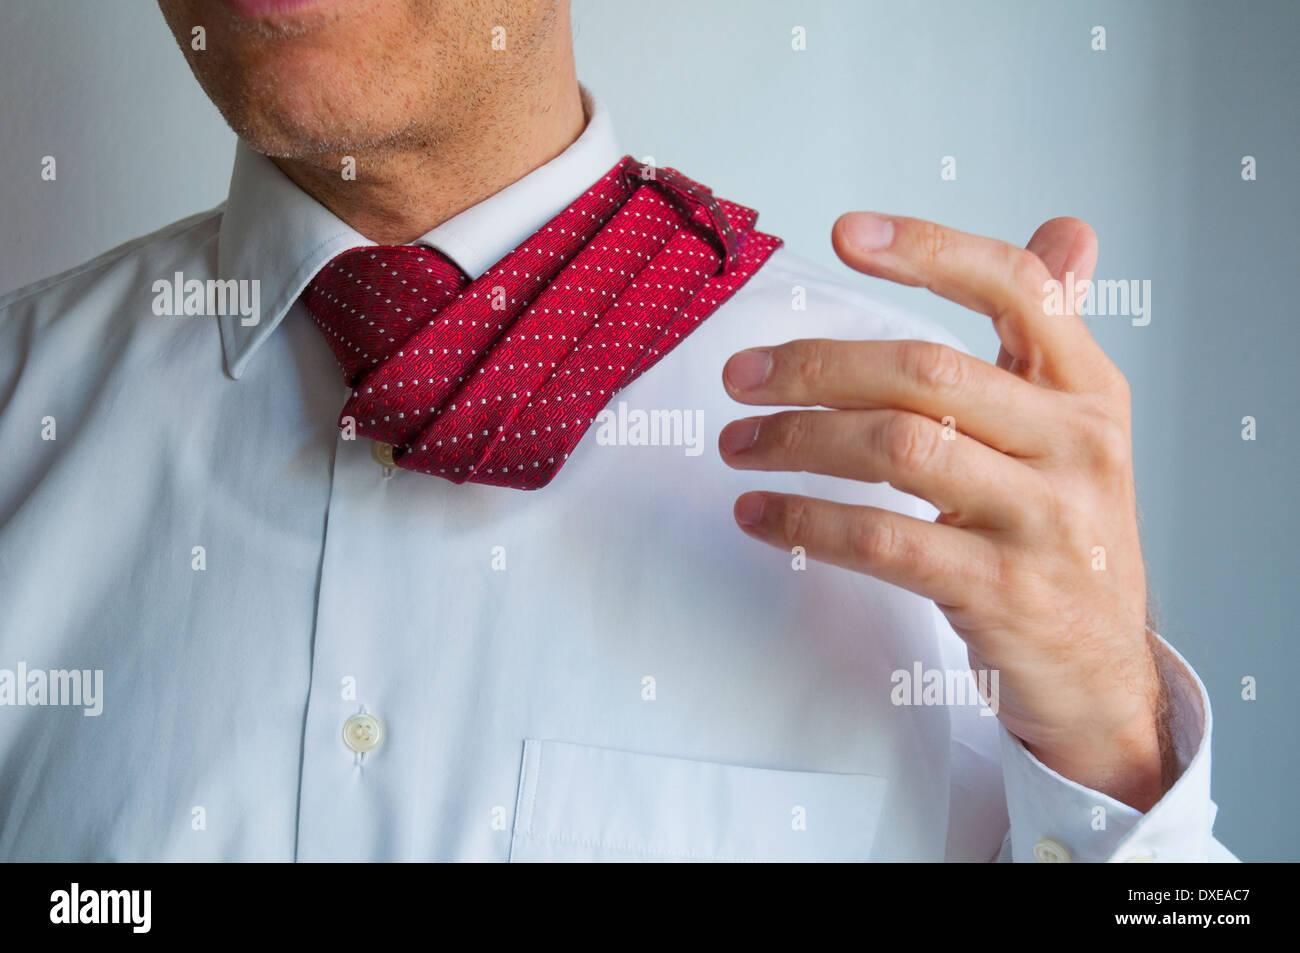 Hombre empujando su corbata a su espalda. Cerrar vista. Imagen De Stock